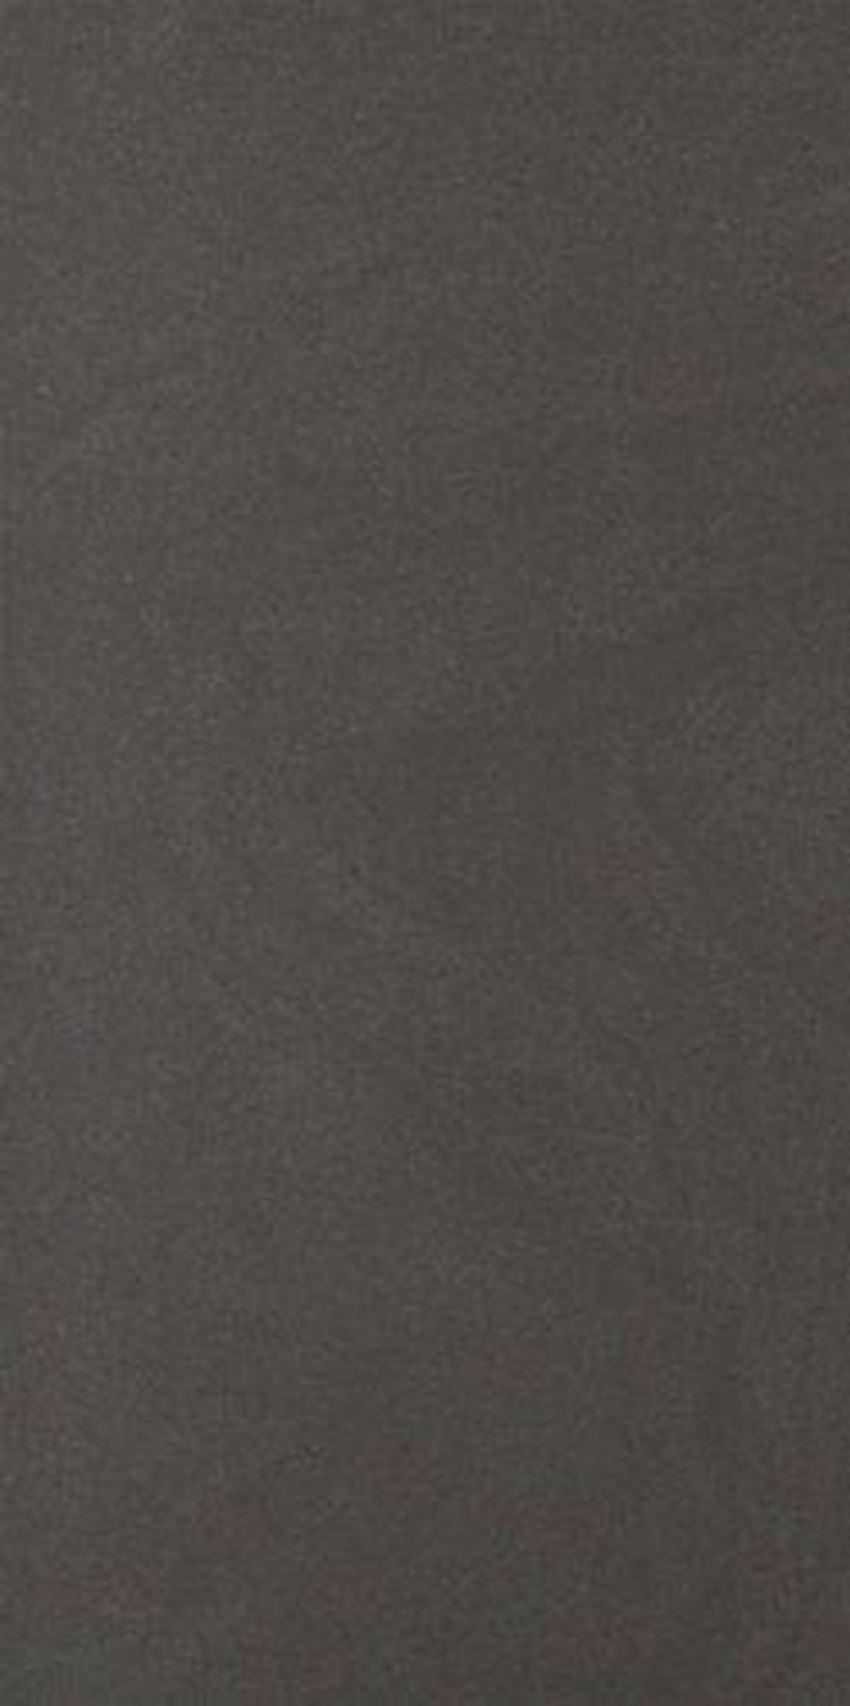 Płytka ścienno-podłogowa 29,8x59,8 cm Paradyż Rockstone Grafit Gres Rektyfikowany Mat